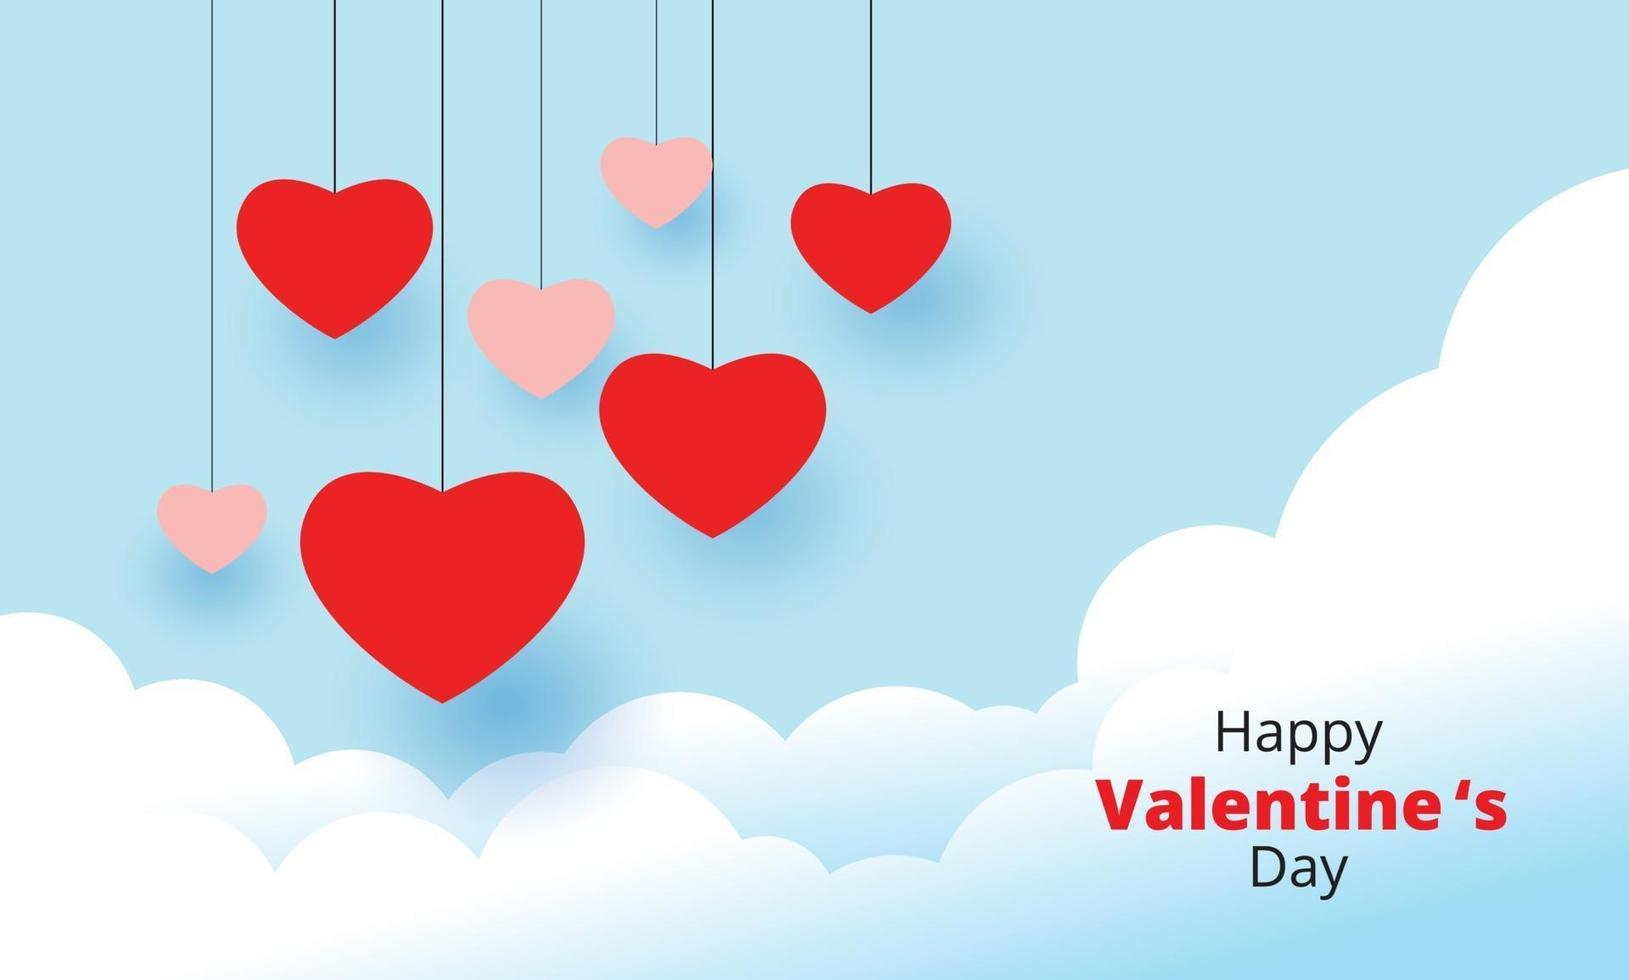 feliz dia de san valentin, fondo de corazones colgantes vector